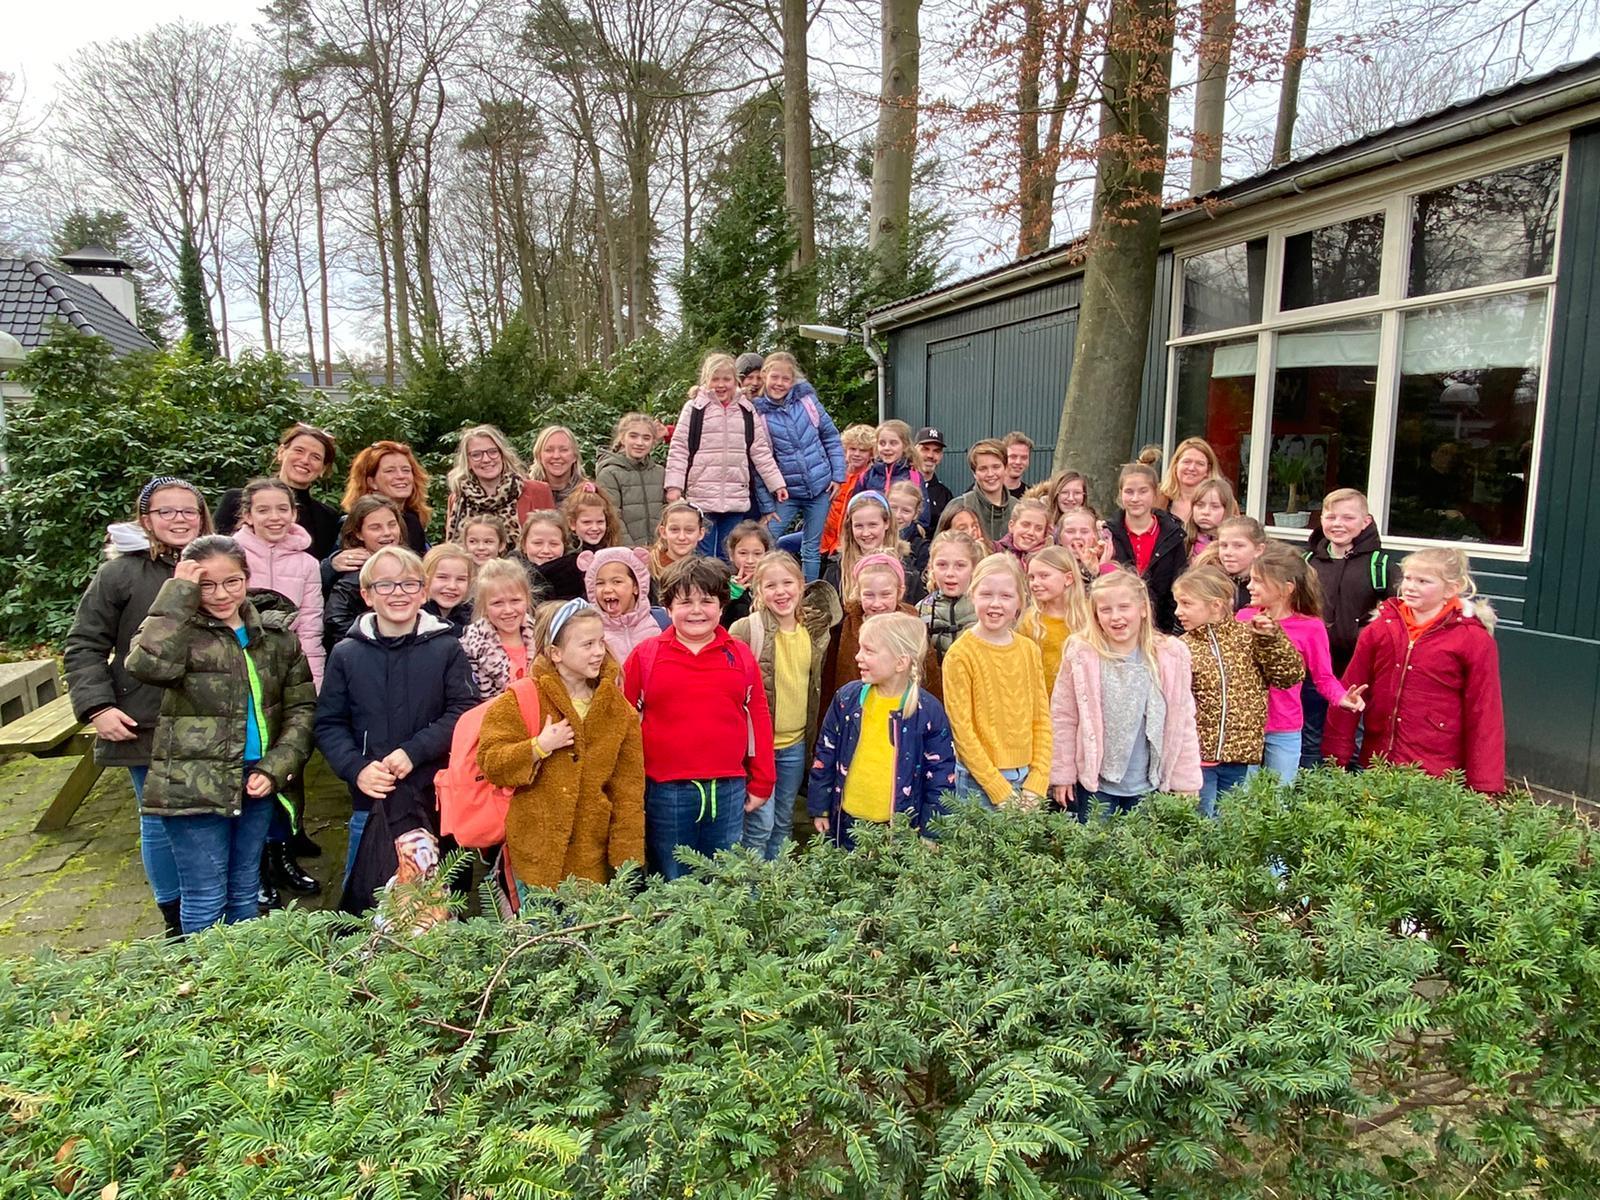 Kinderbevrijdingslied gelanceerd in Noordwijk: 'Iedereen is nu even in zijn vrijheid beknot' [video]